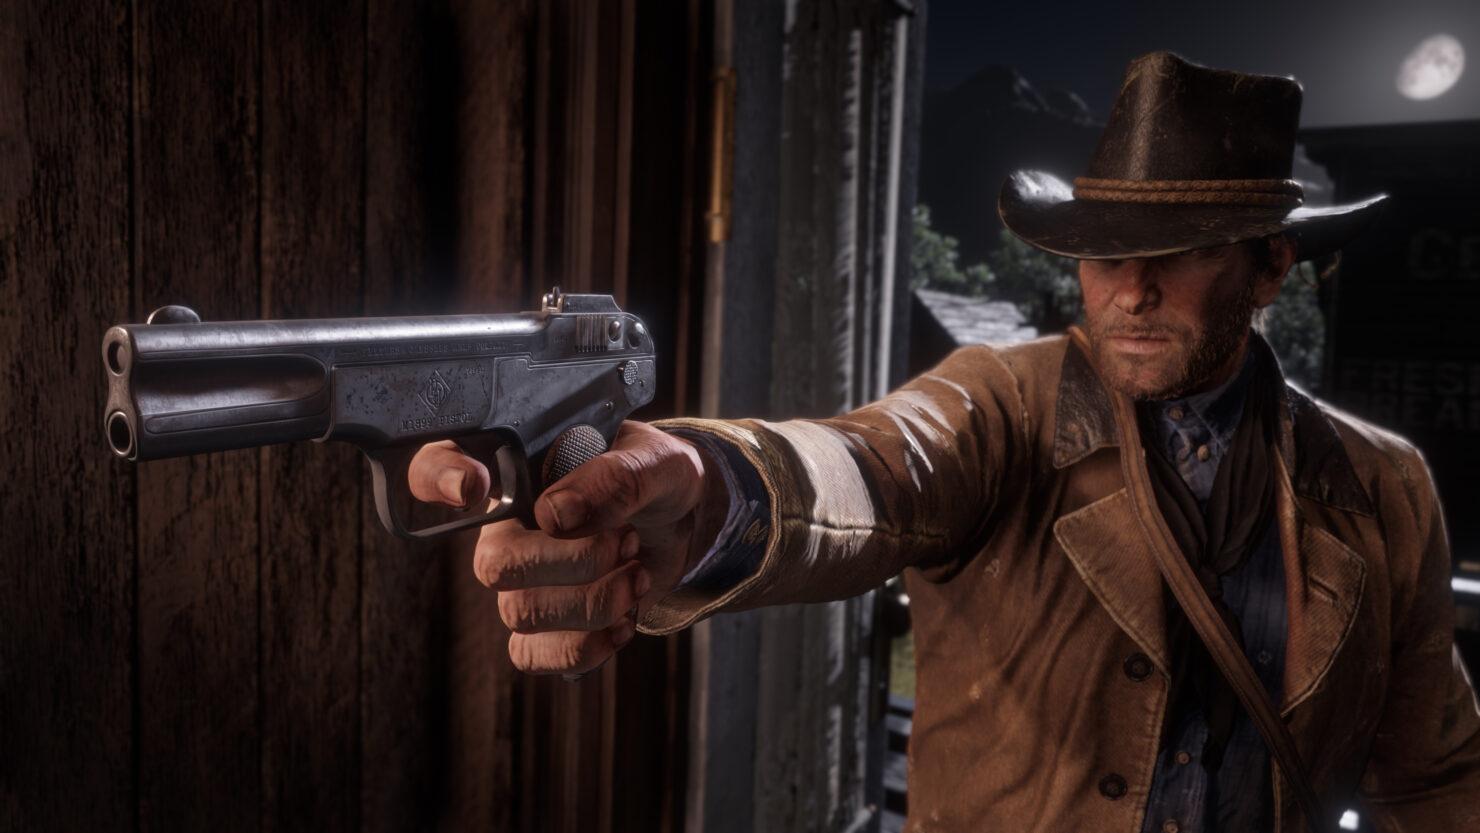 Red Dead Redemption 2 Update 1.14.1